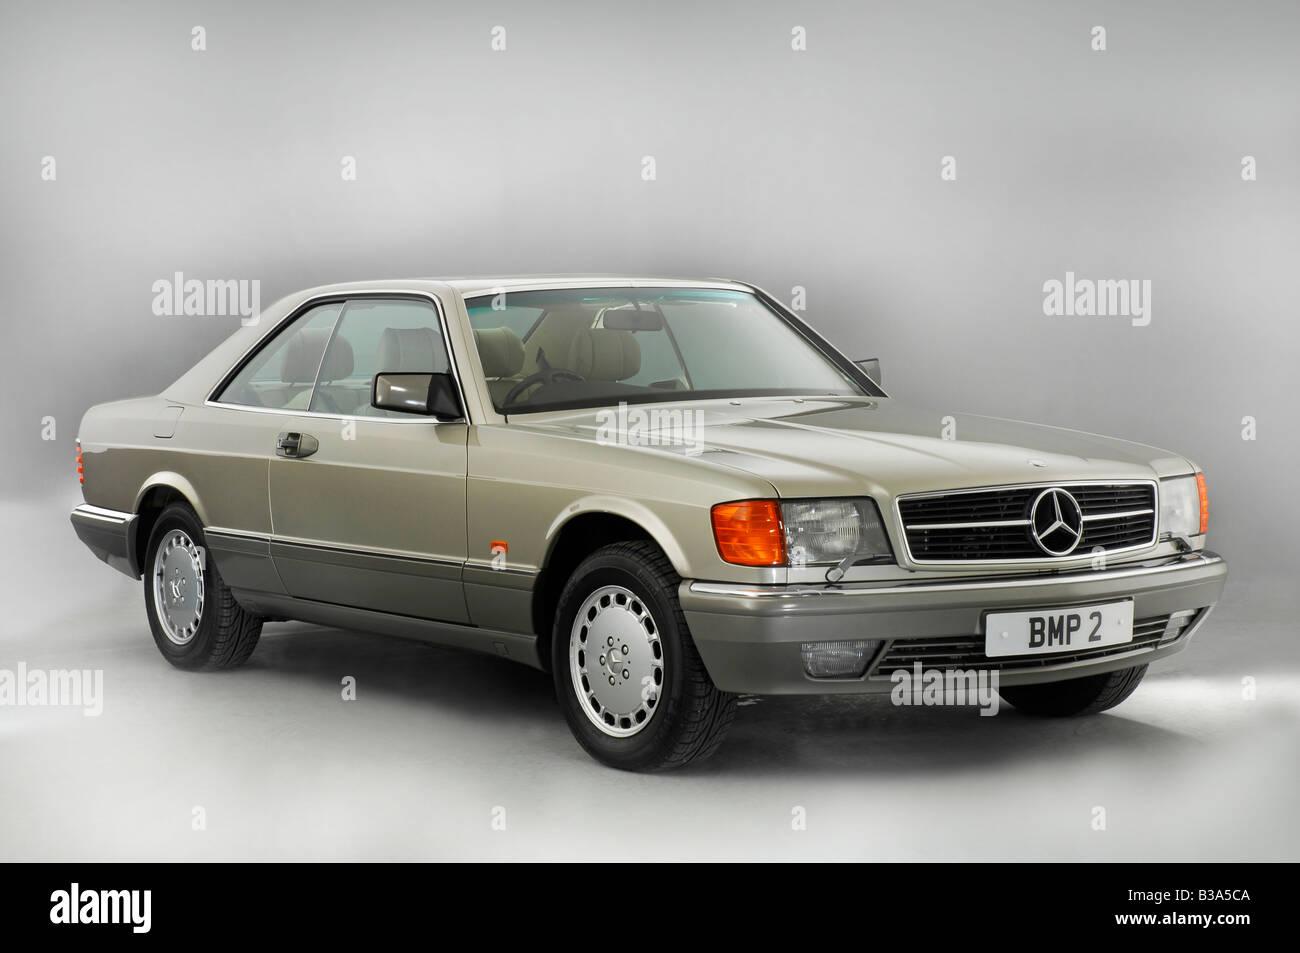 1990 Mercedes Benz 500 SEC - Stock Image